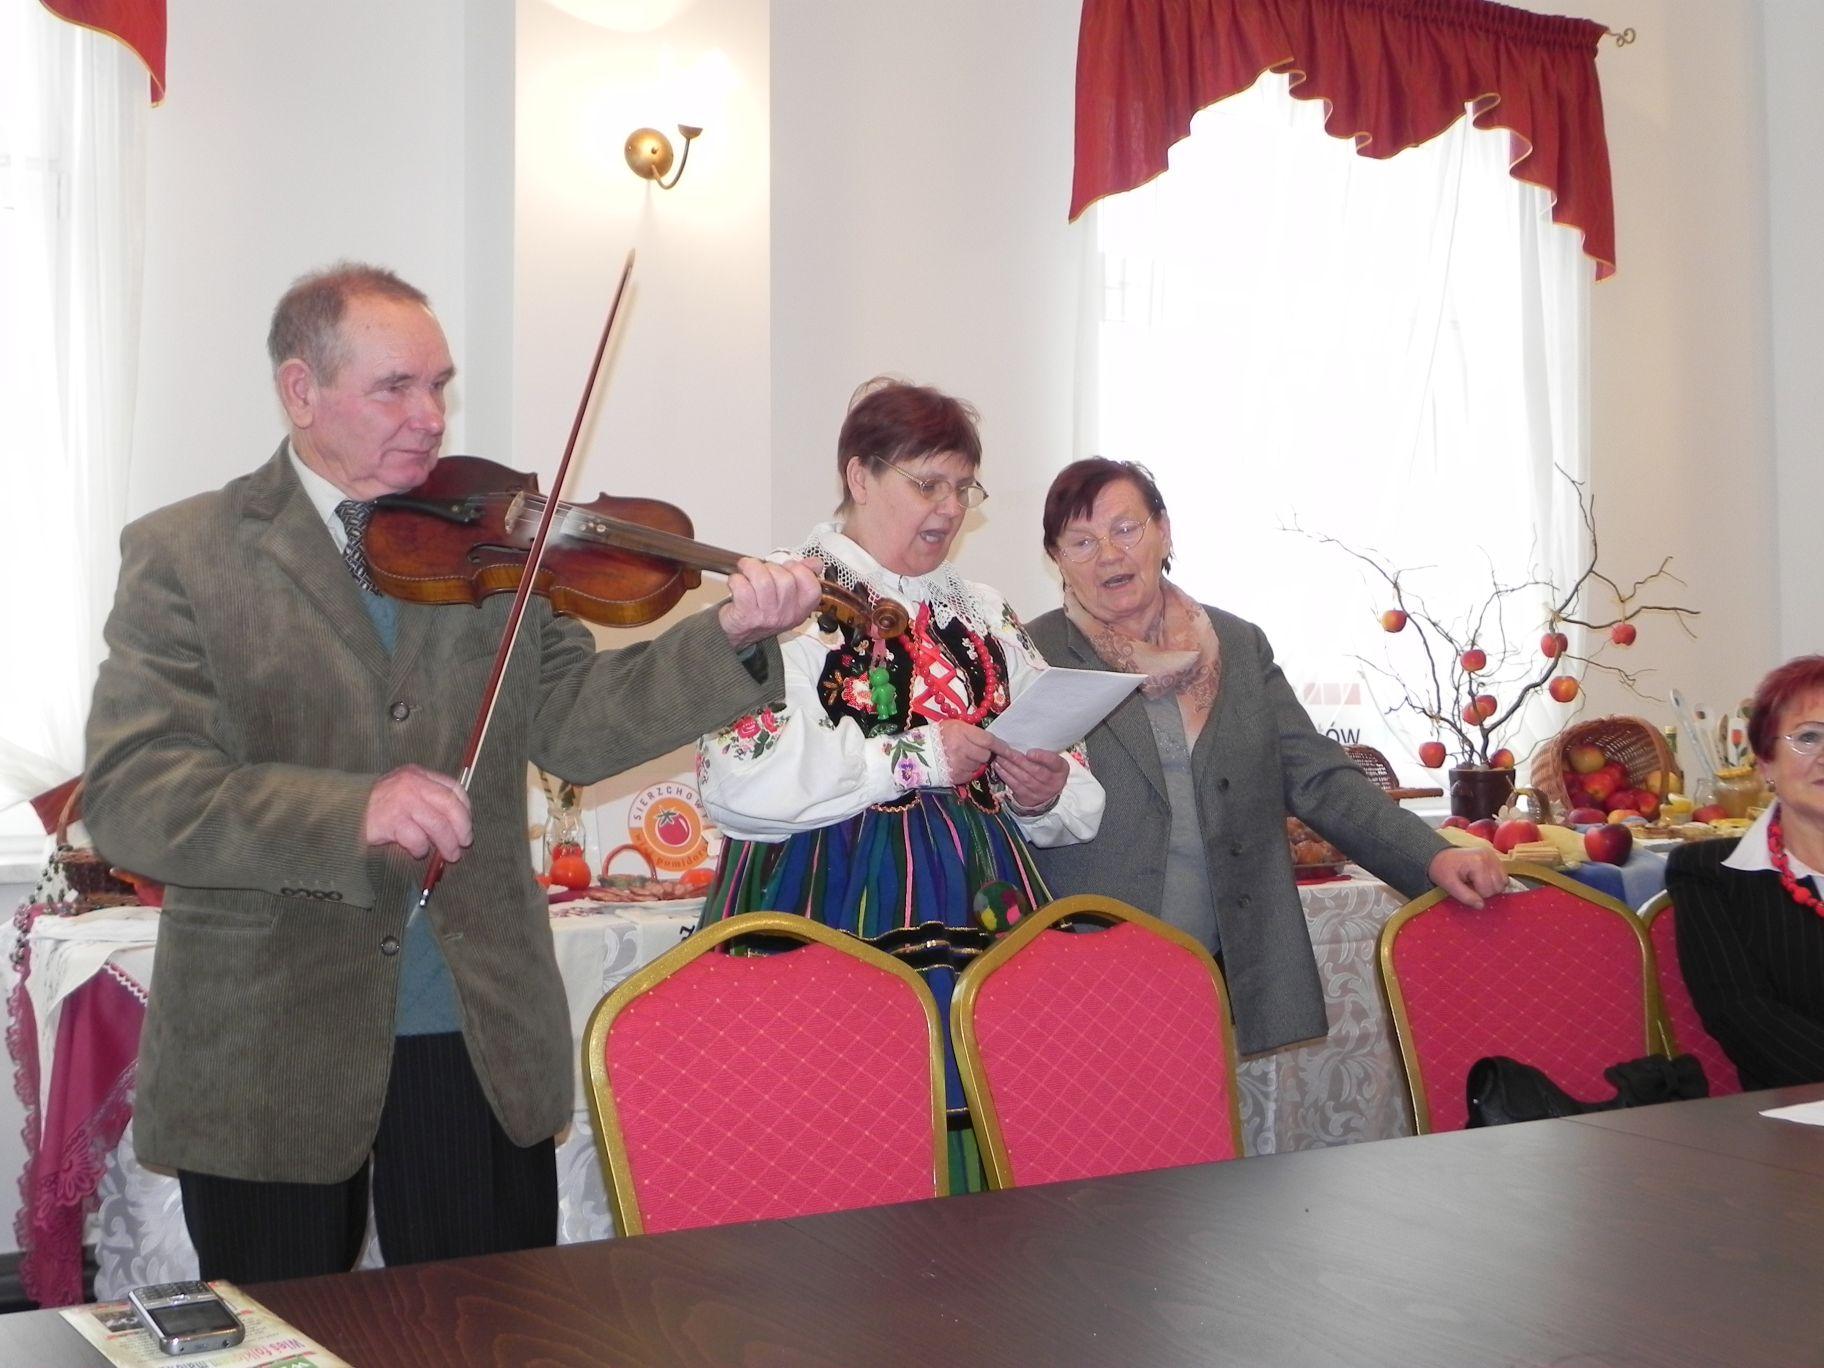 2012-12-14 Wilkowice - Konferencja Wioski tematyczne (118)